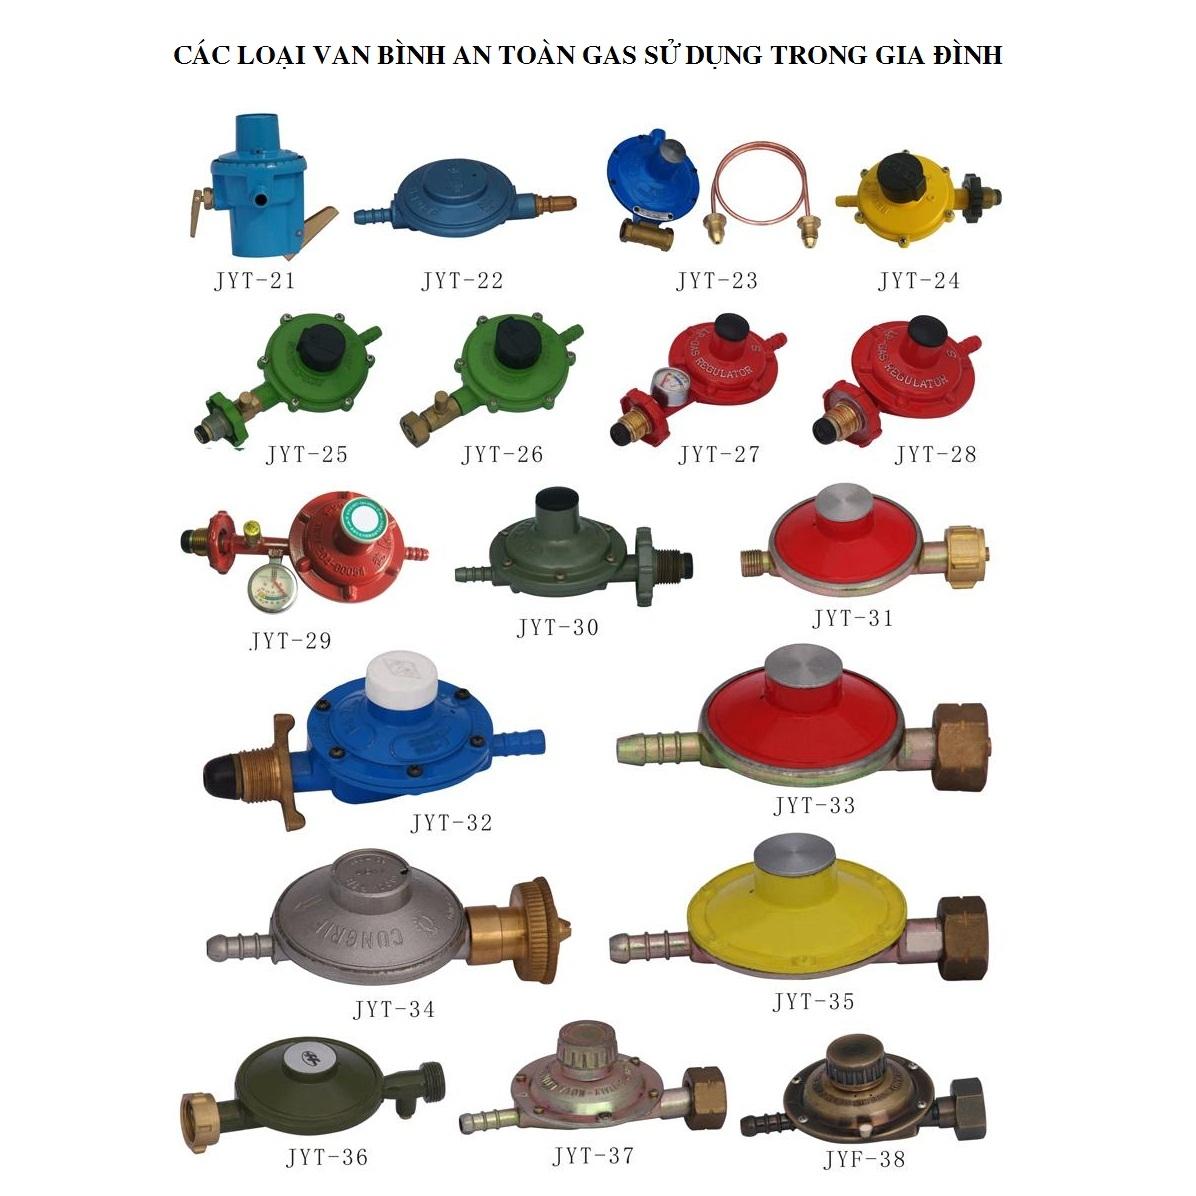 Các loại van điều áp gas phổ biến trên thị trường